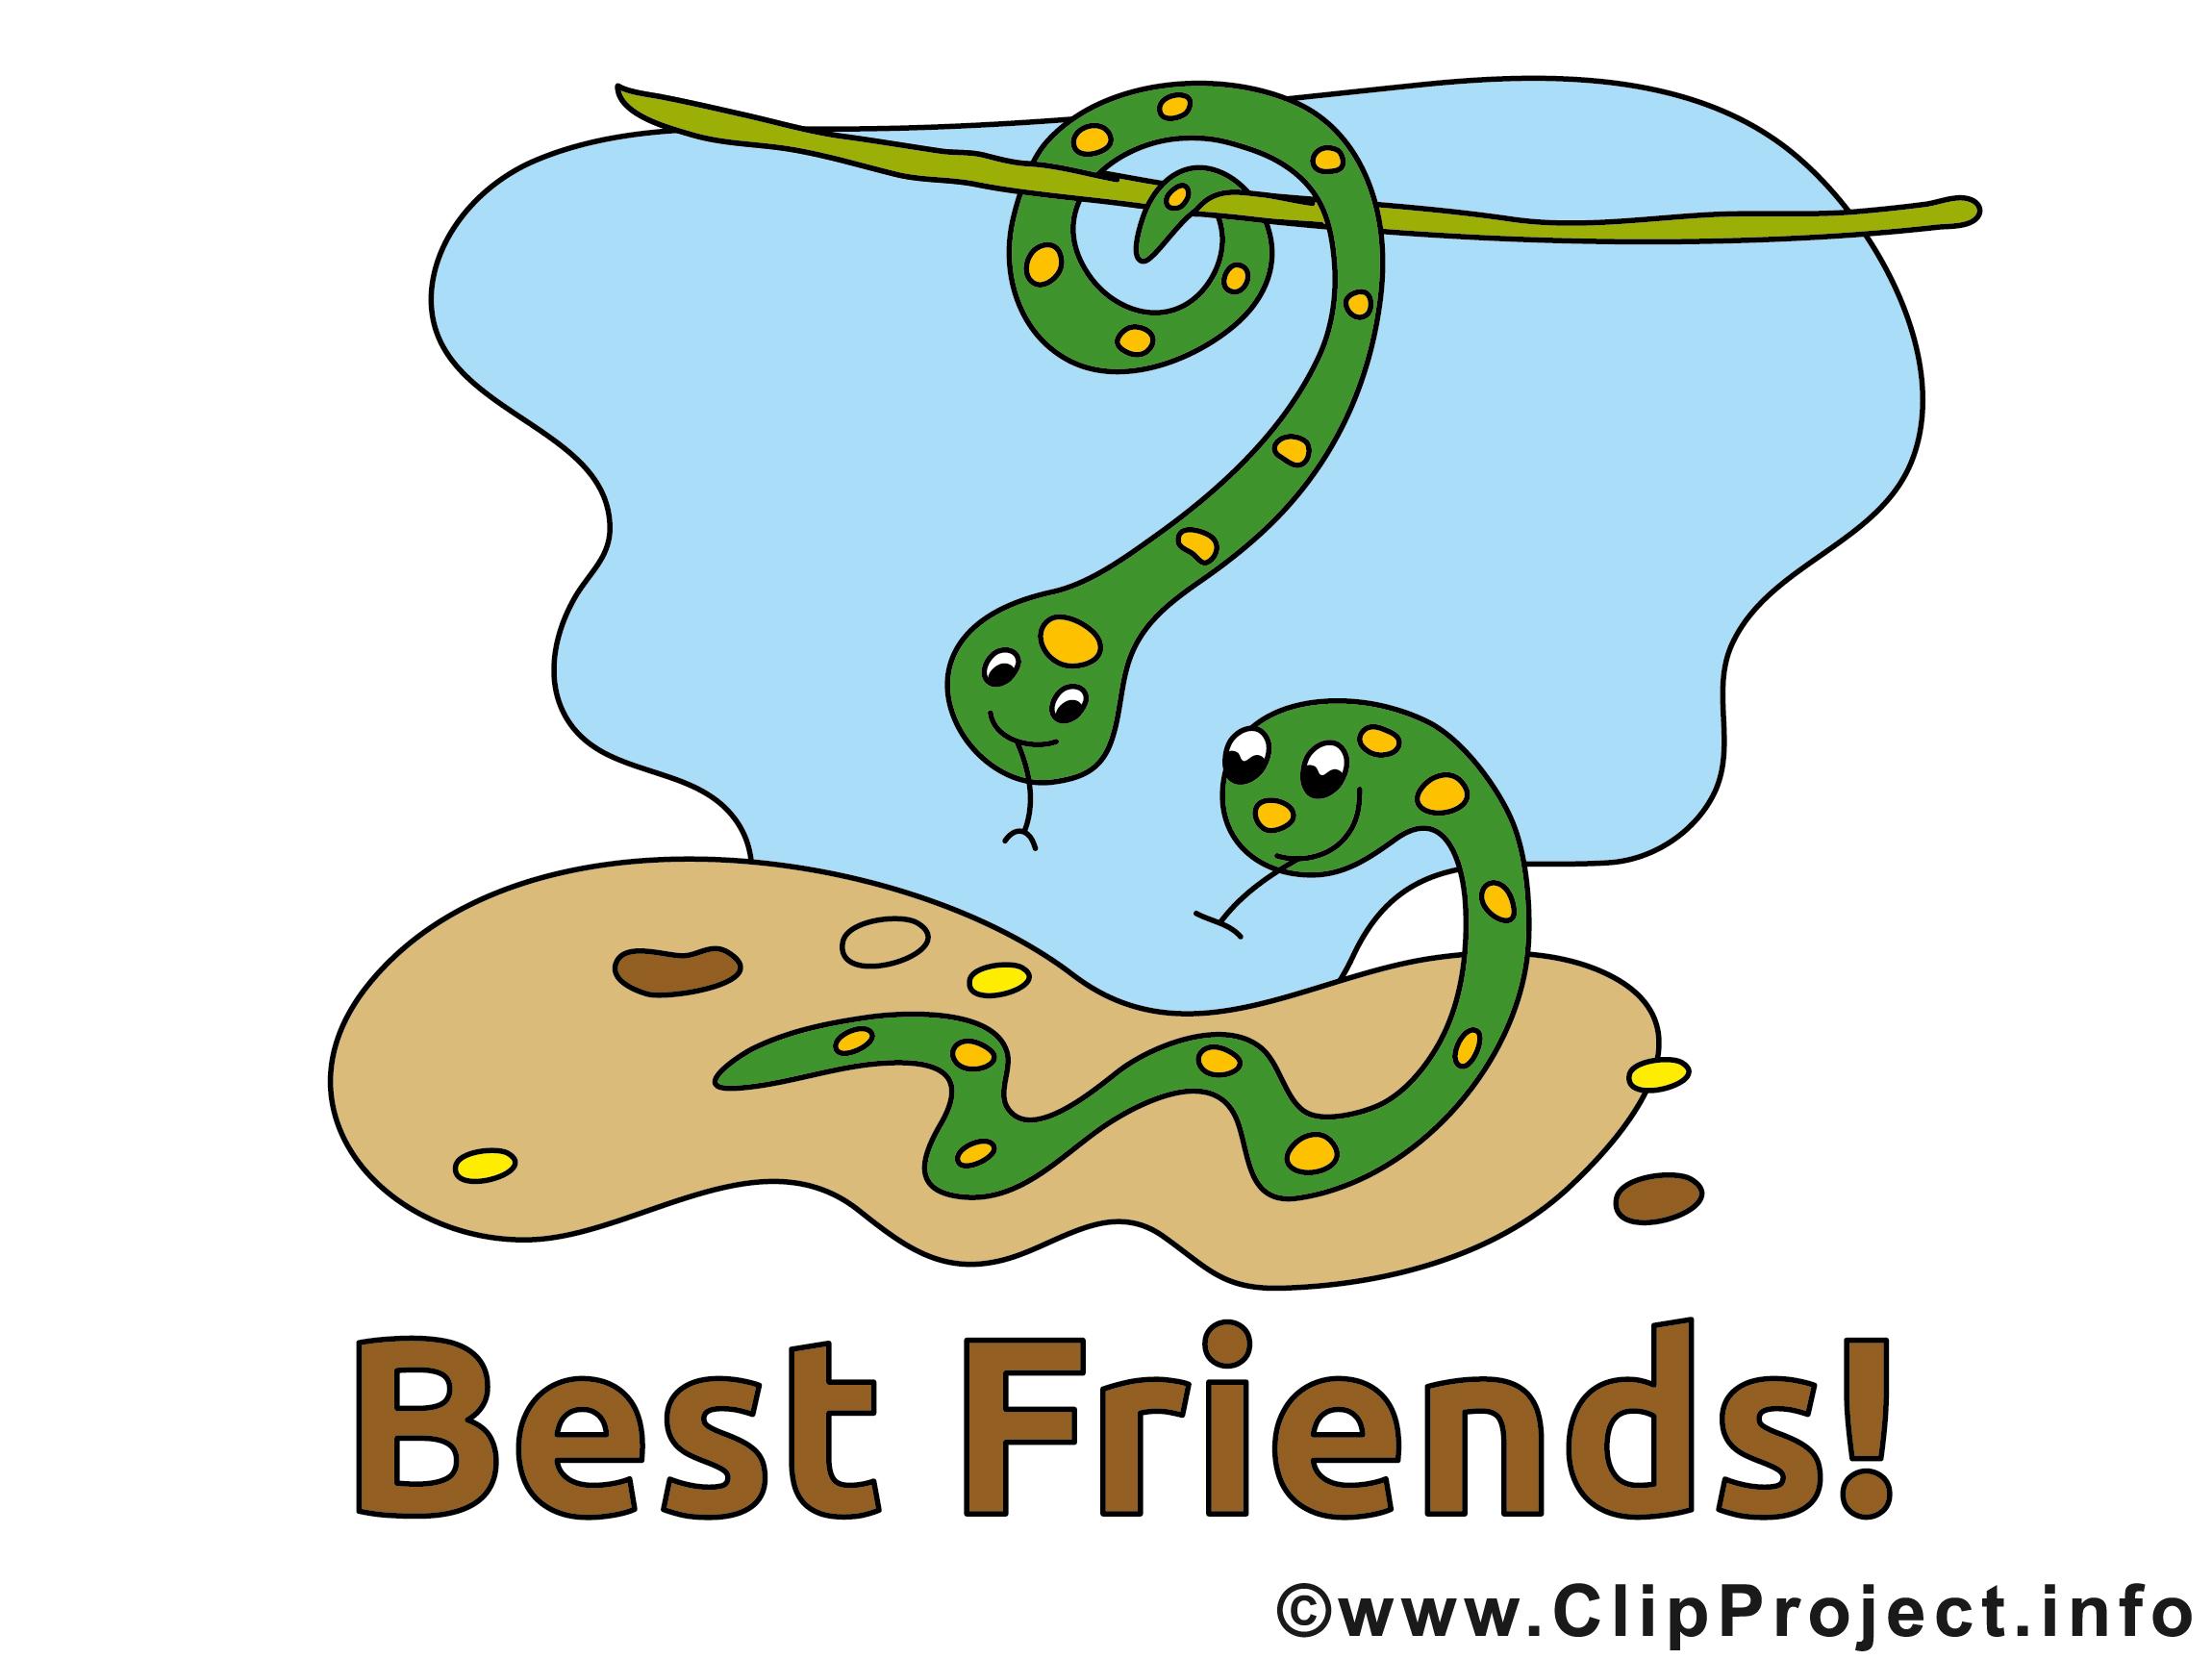 gbs Bilder Beste Freunde